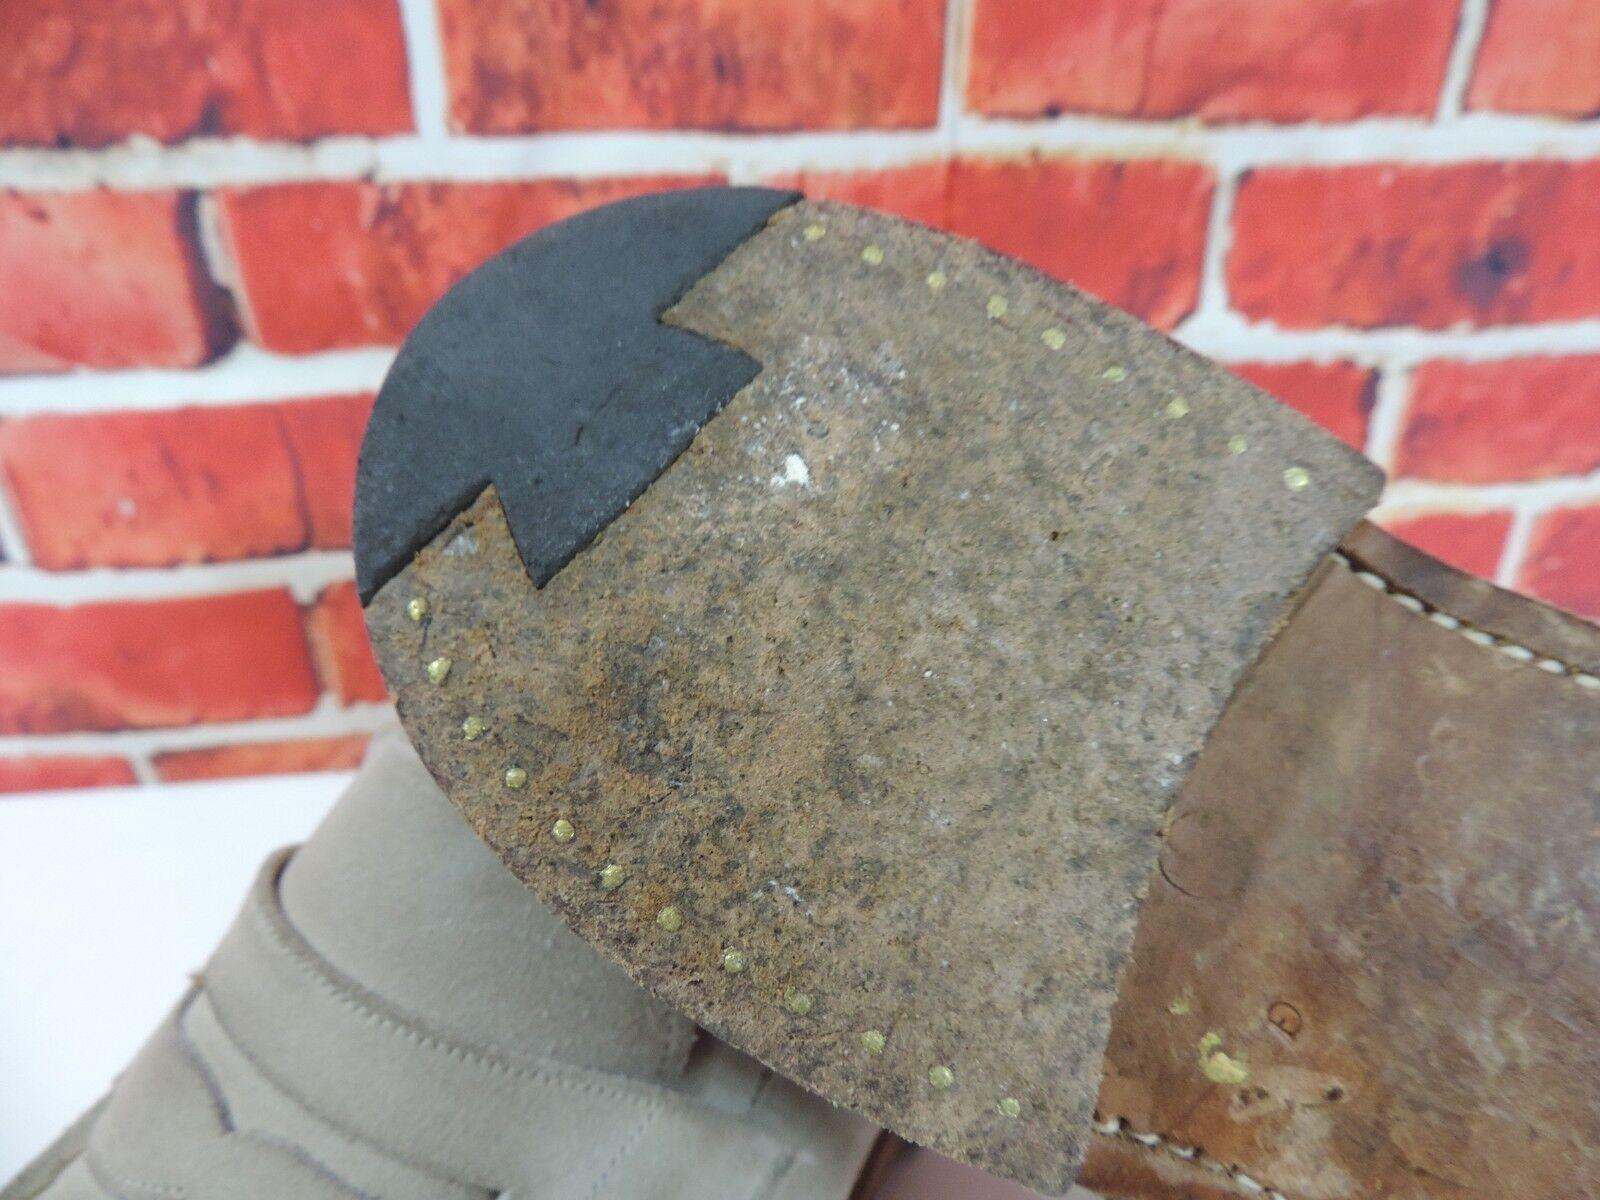 Church's Veloursleder Pennyloafer UK 8.5 G Breit Us 9,5 9,5 9,5 Eu 42,5 Grade Minor Use 683053